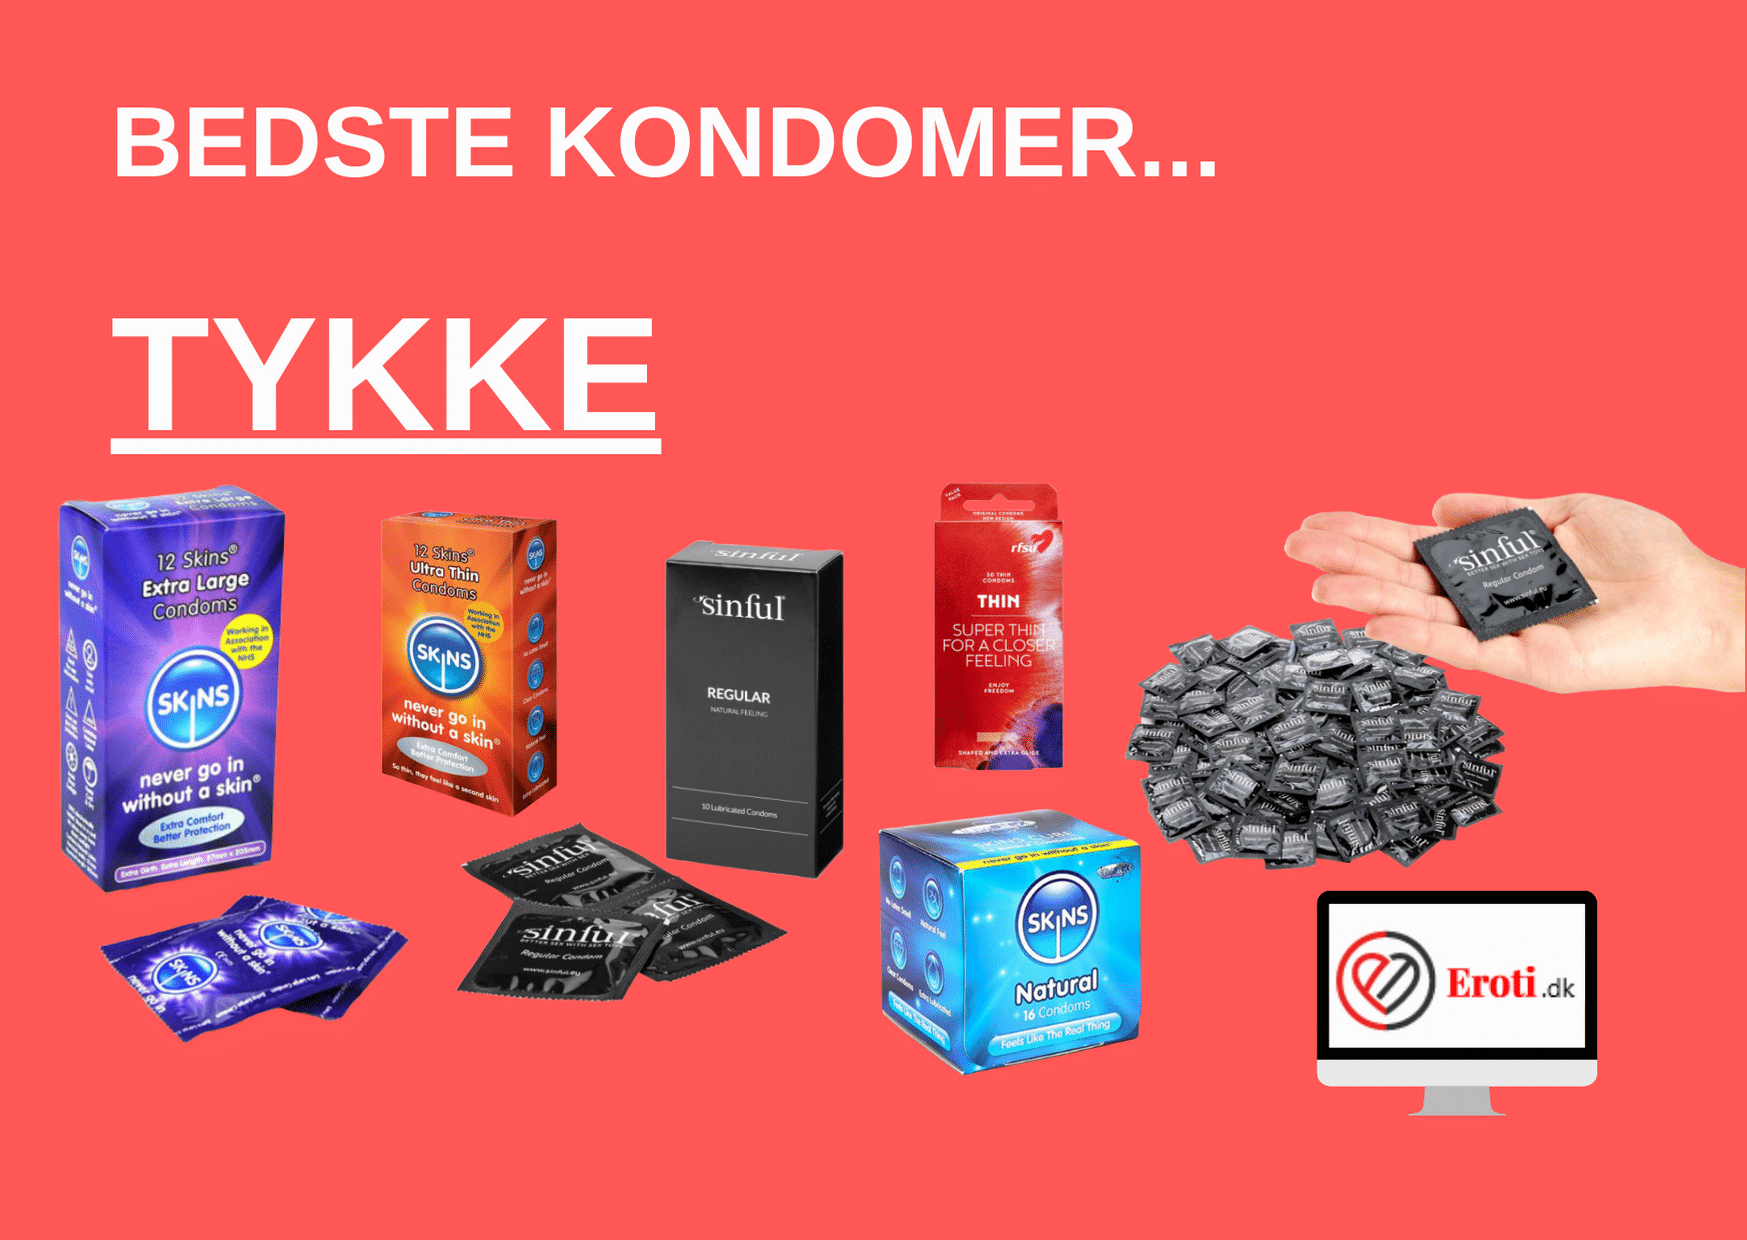 tykke kondomer